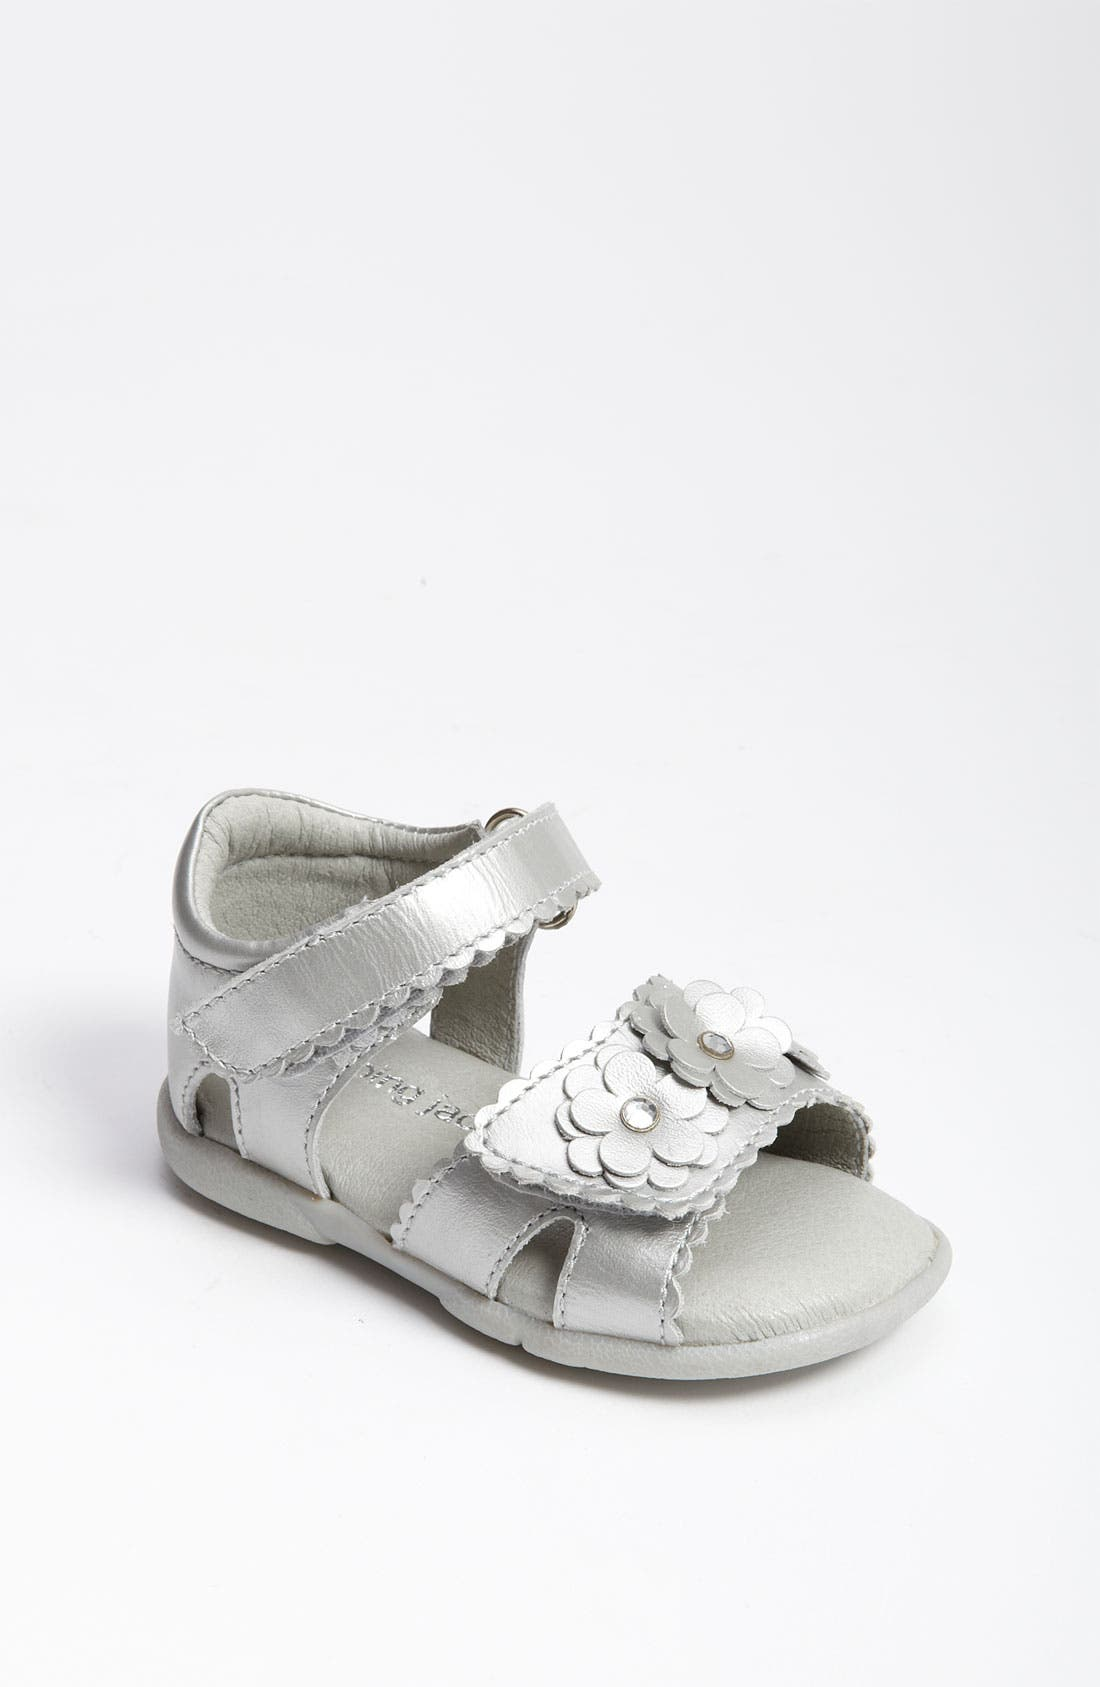 Alternate Image 1 Selected - Jumping Jacks 'Whisper' Sandal (Baby, Walker & Toddler)